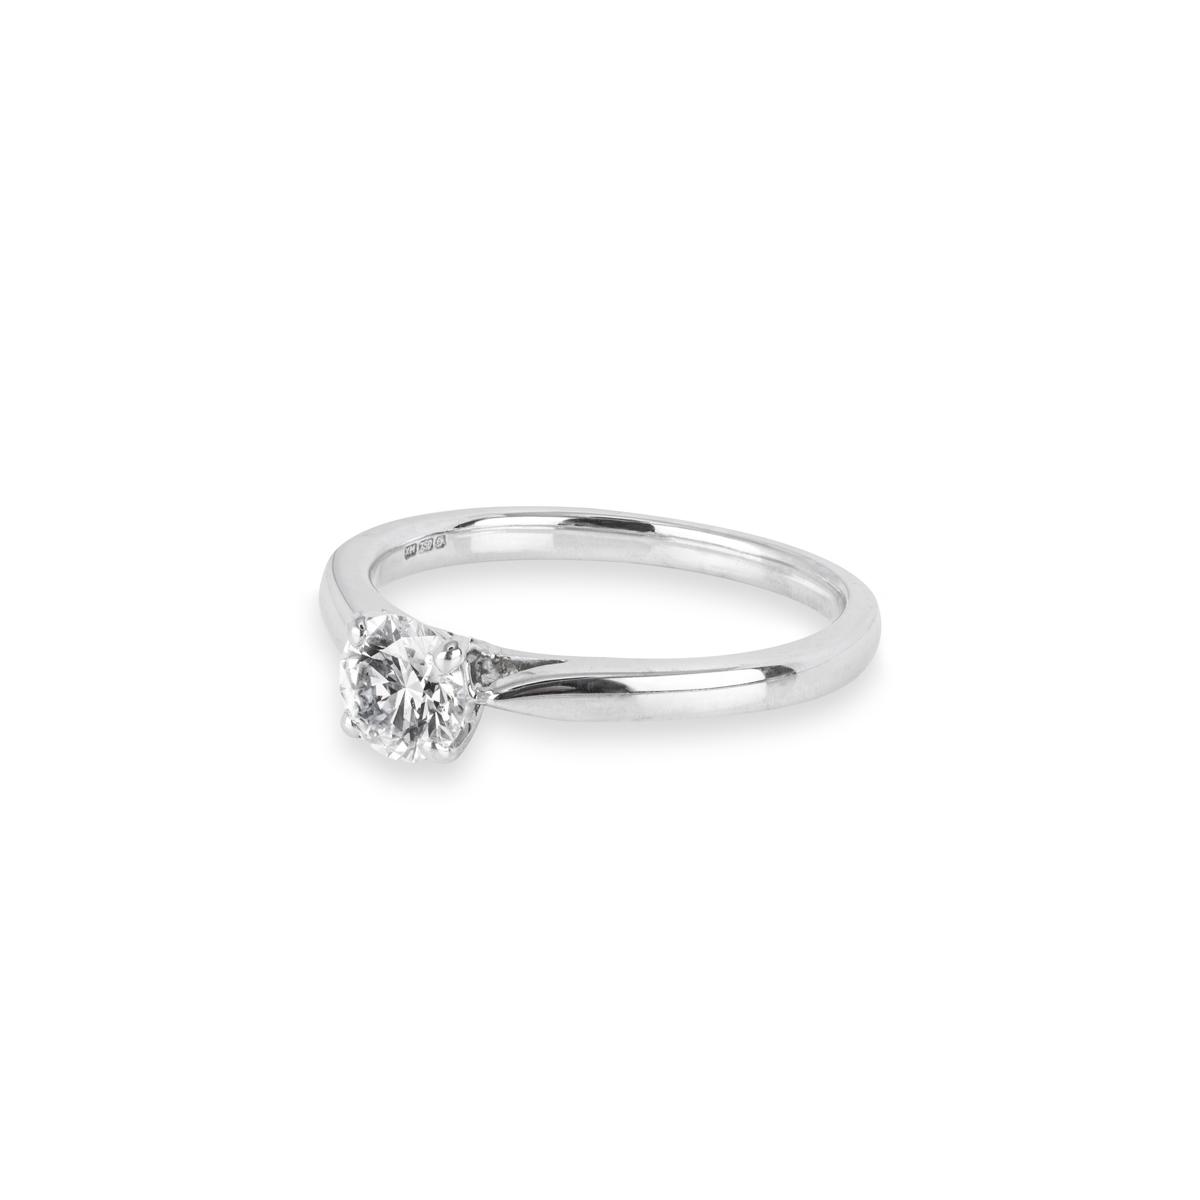 18k White Gold Round Brilliant Cut Diamond Ring 0.55ct I/VS1